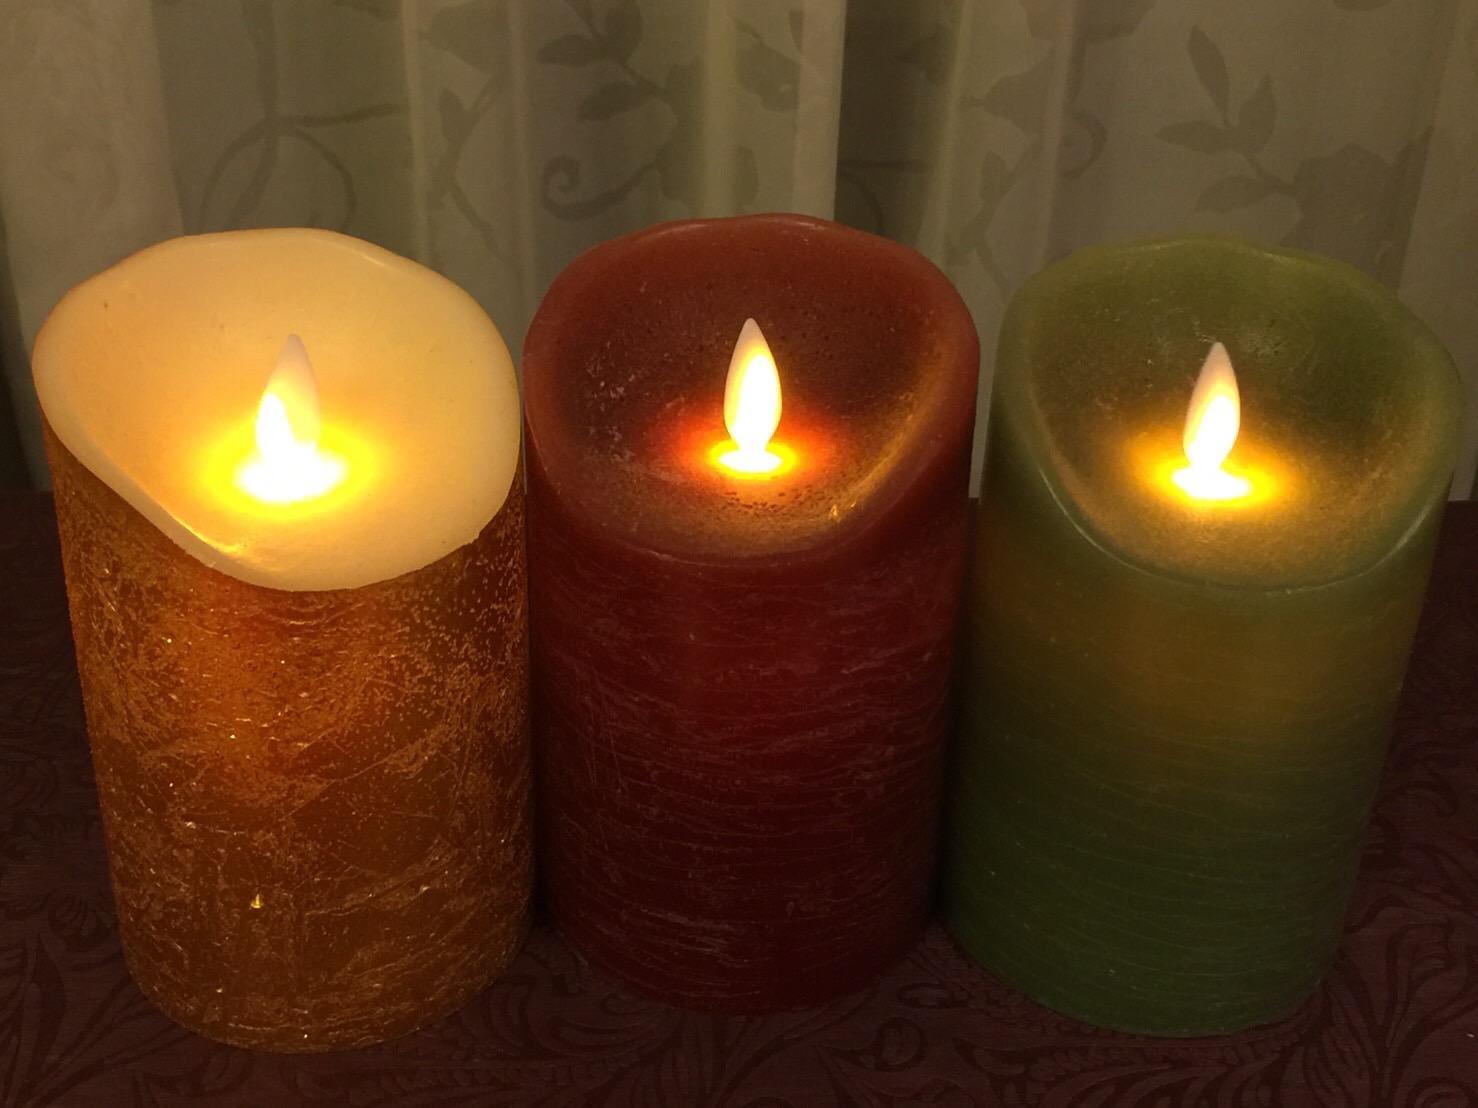 クリスマスにおすすめ!火を使わないムービングキャンドル「ルナーテ」